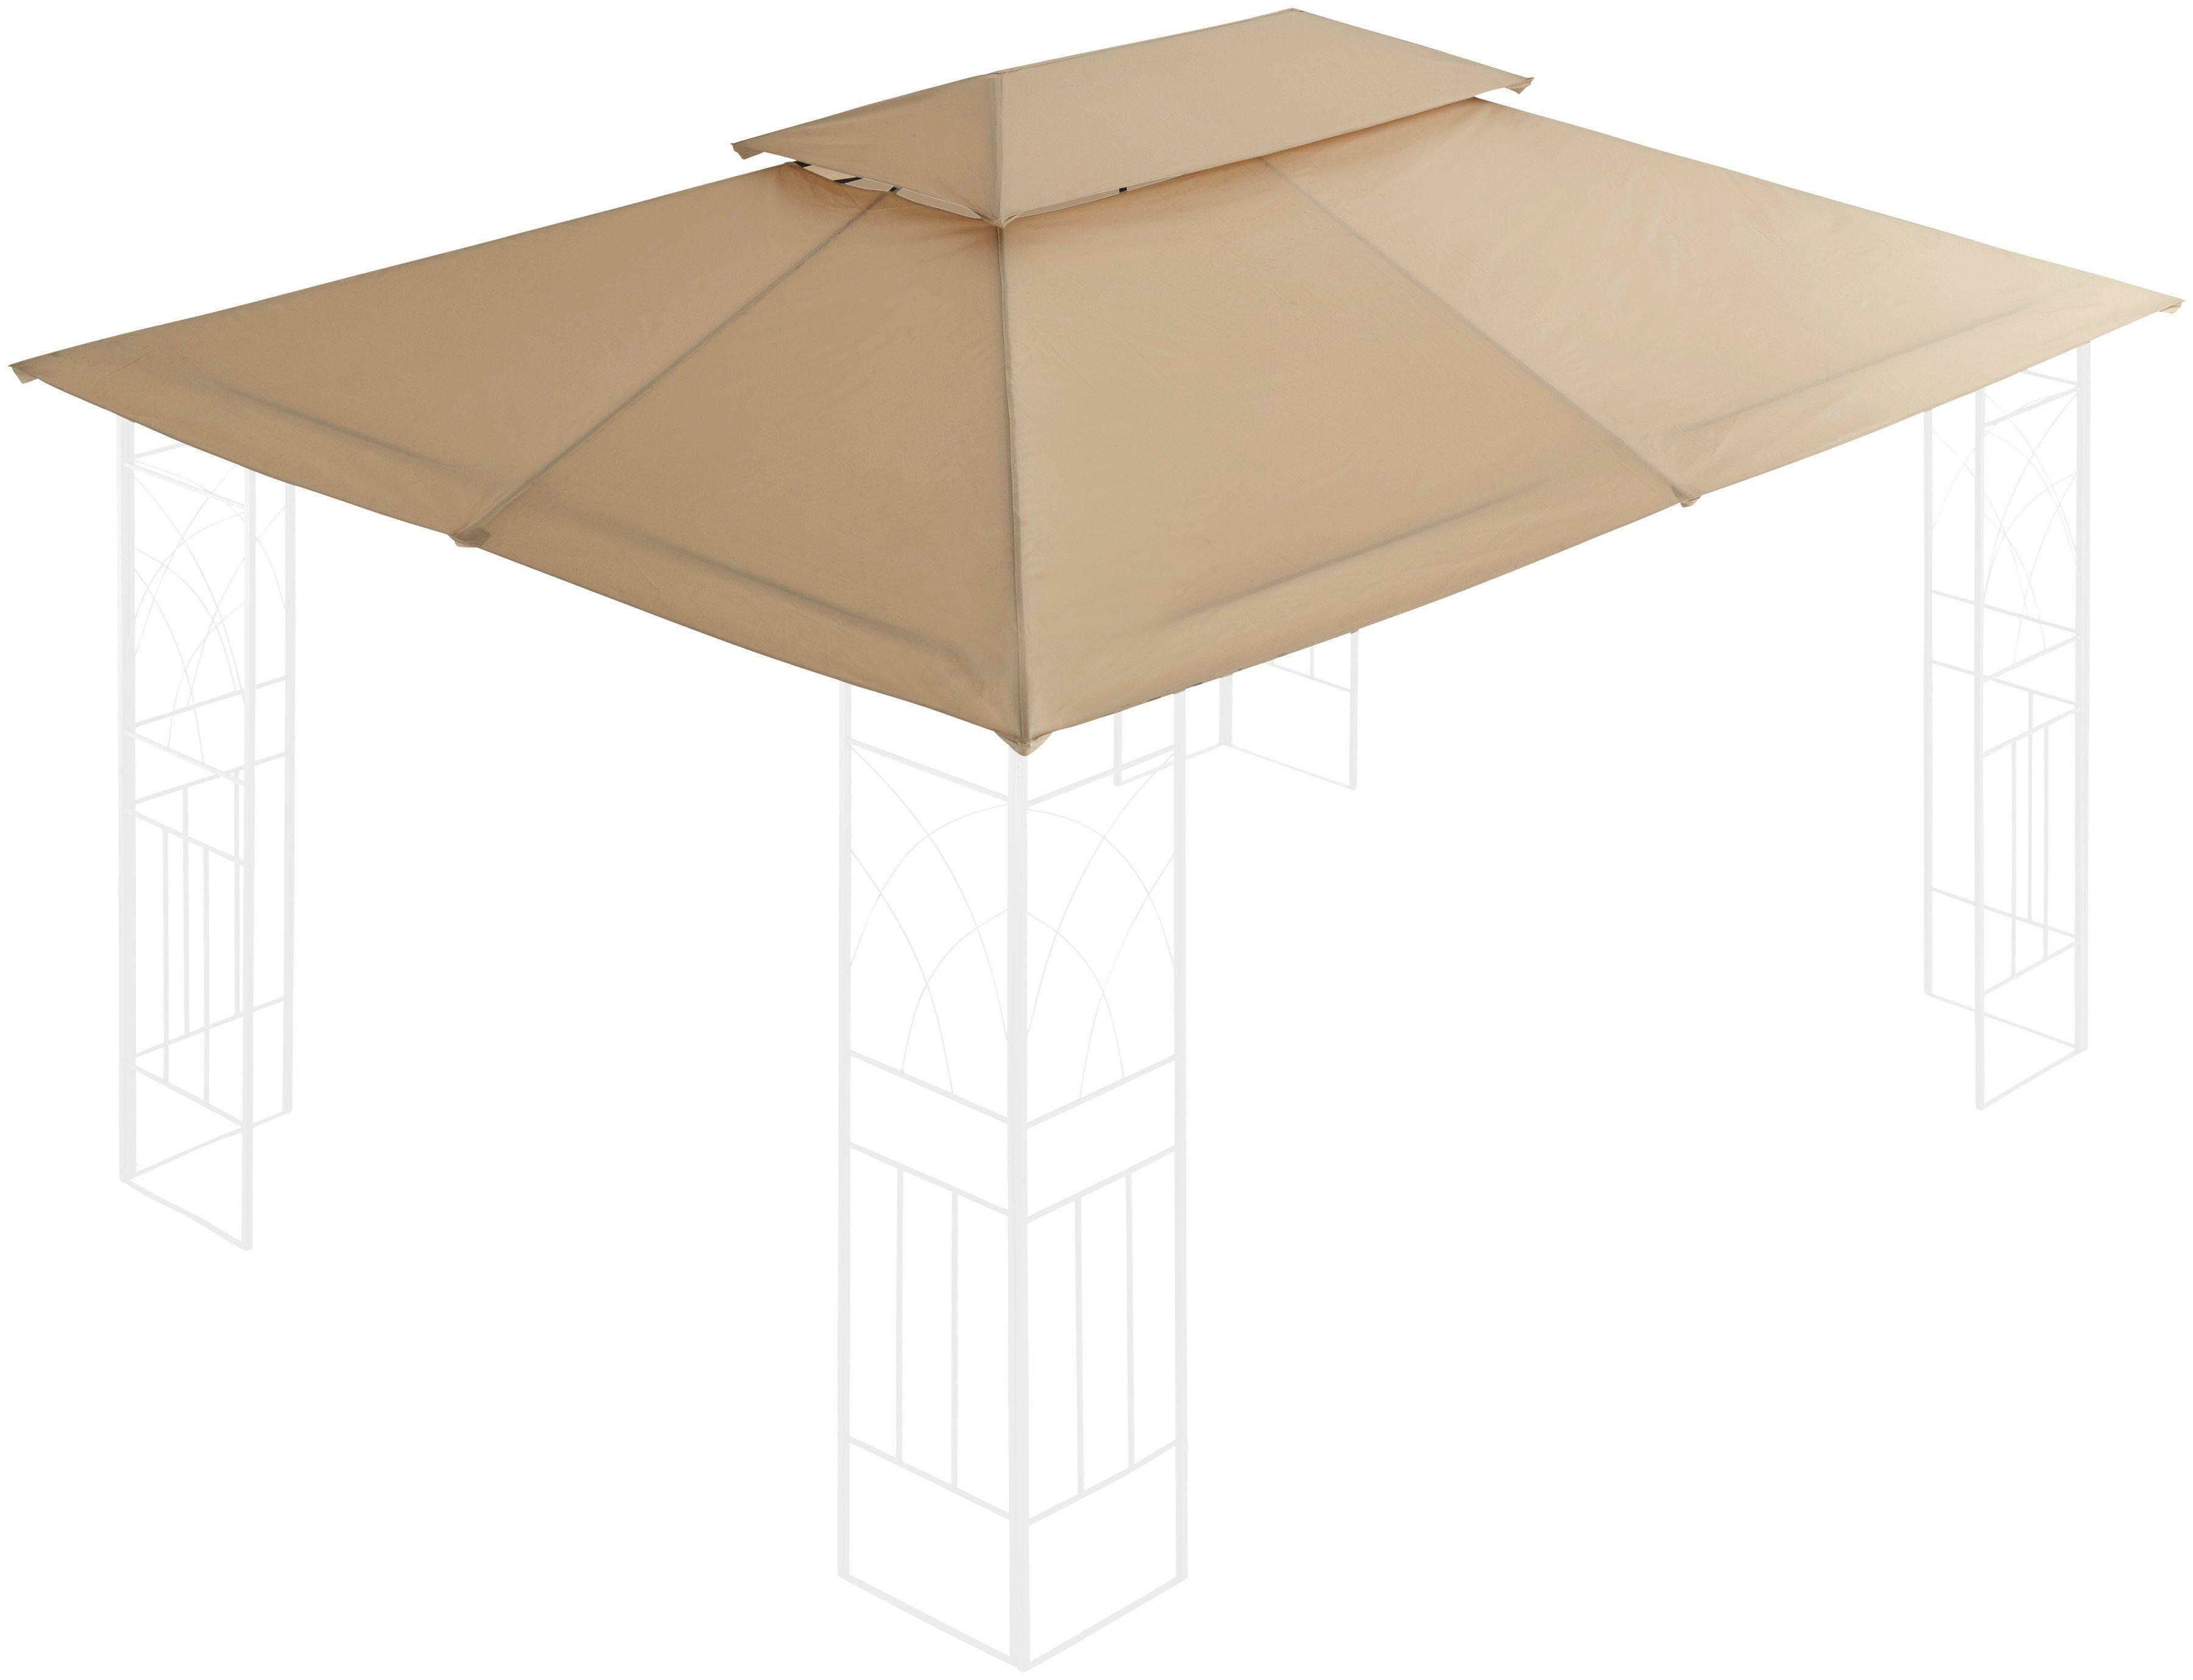 Ersatzdach für Pavillon, »Bogen« 300x400 cm